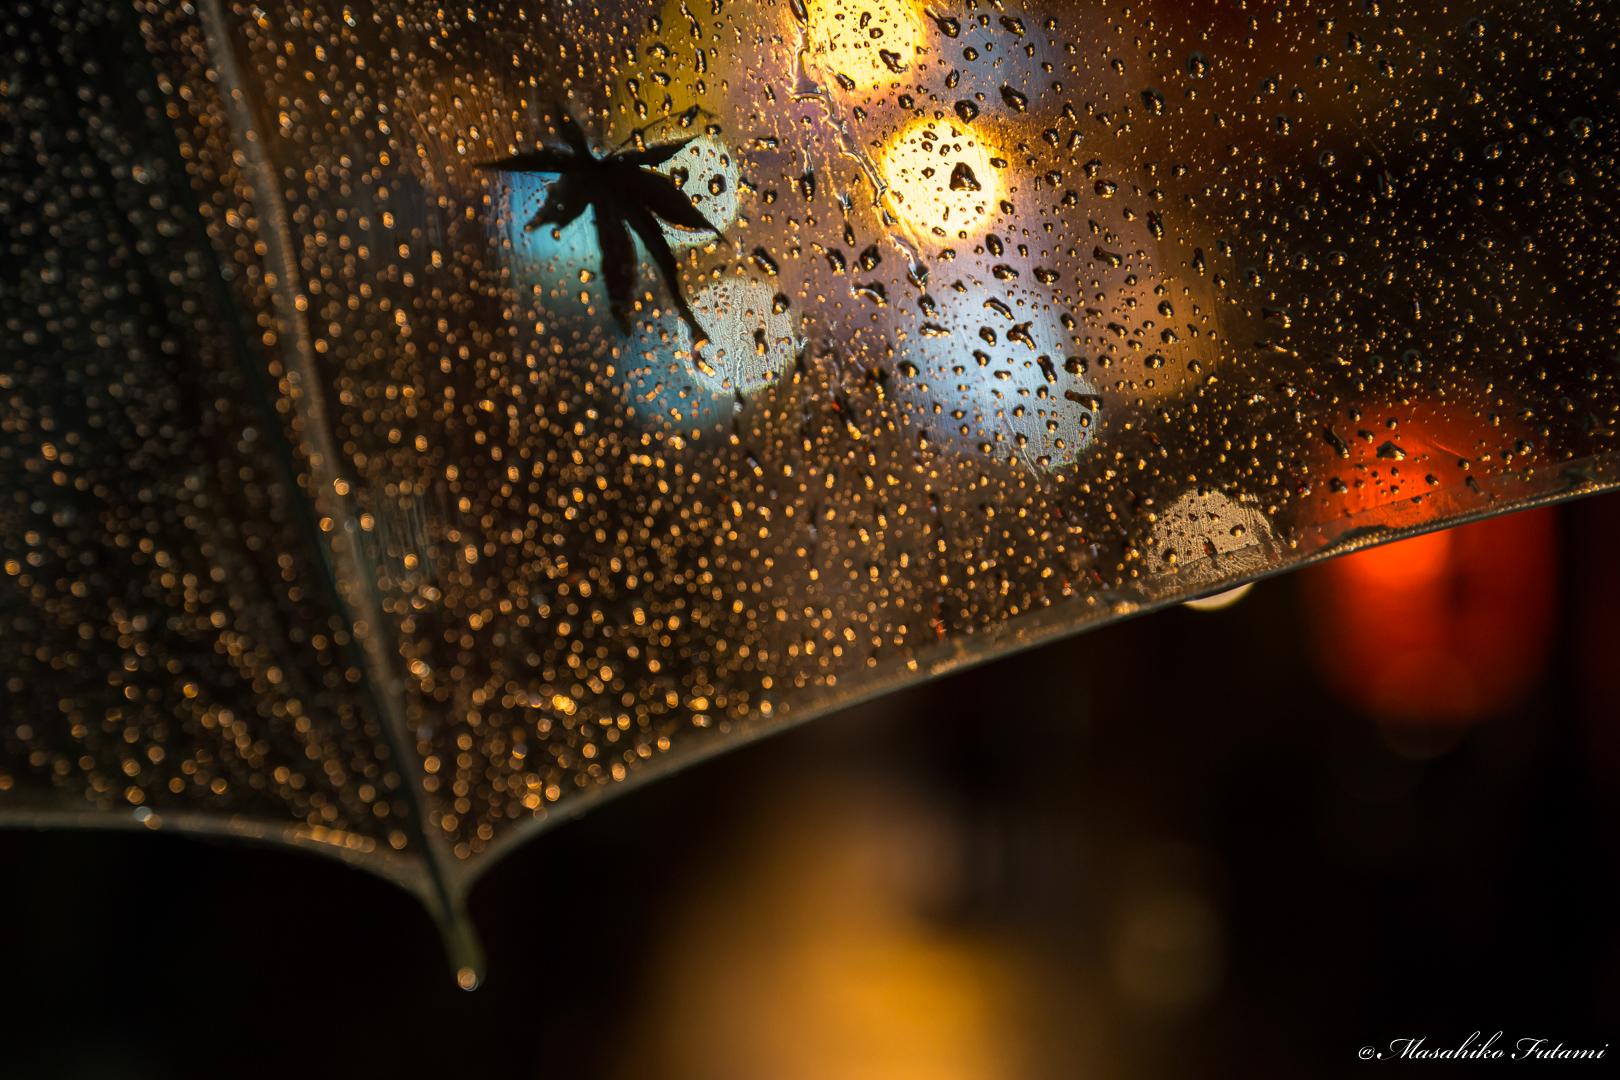 Story of Rain